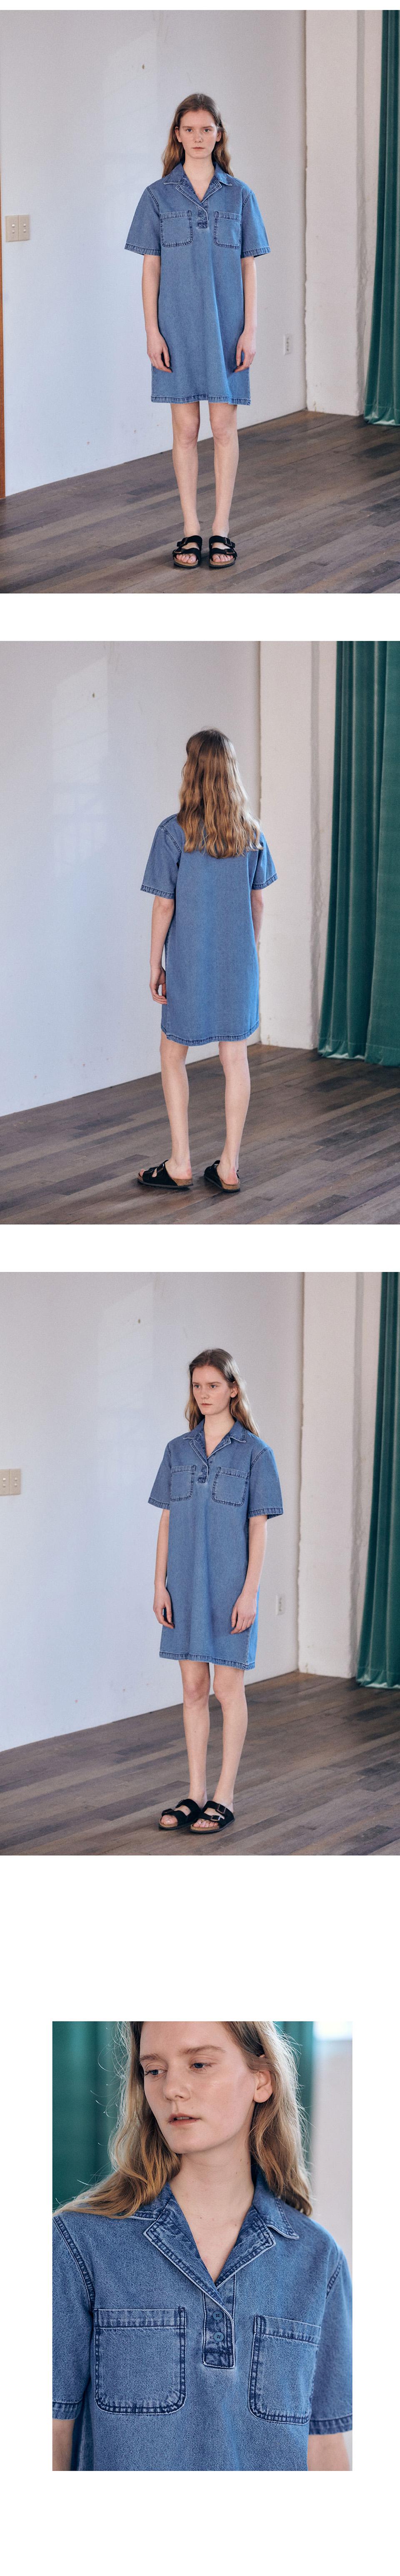 브렌다브렌든 서울(BRENDA BRENDEN SEOUL) Tailored denim one-piece